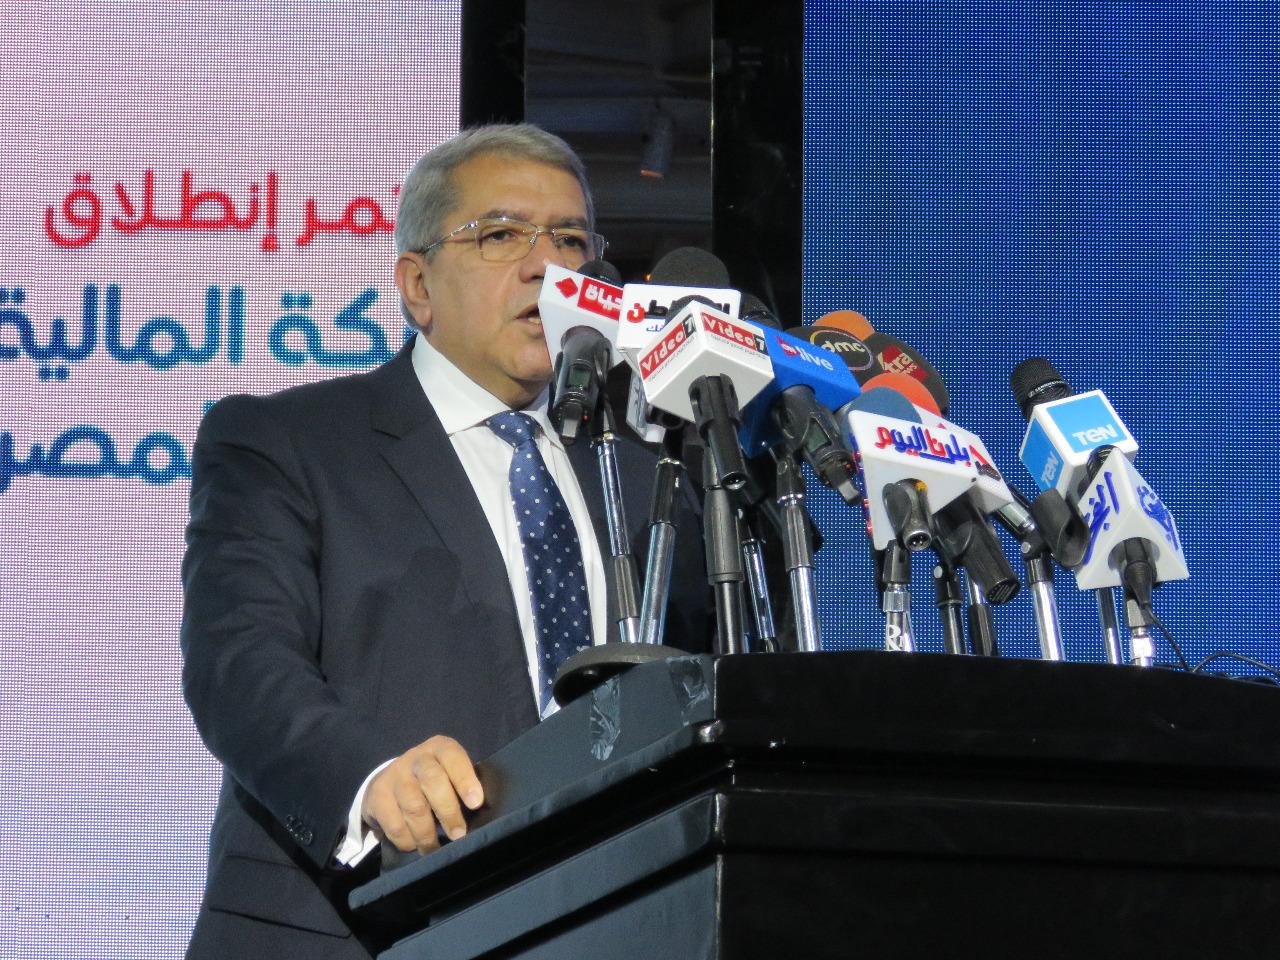 وزير المالية خلال:  نستهدف خفض عجز الموازنة ليصل الى 4% من الناتج المحلى عام 2022